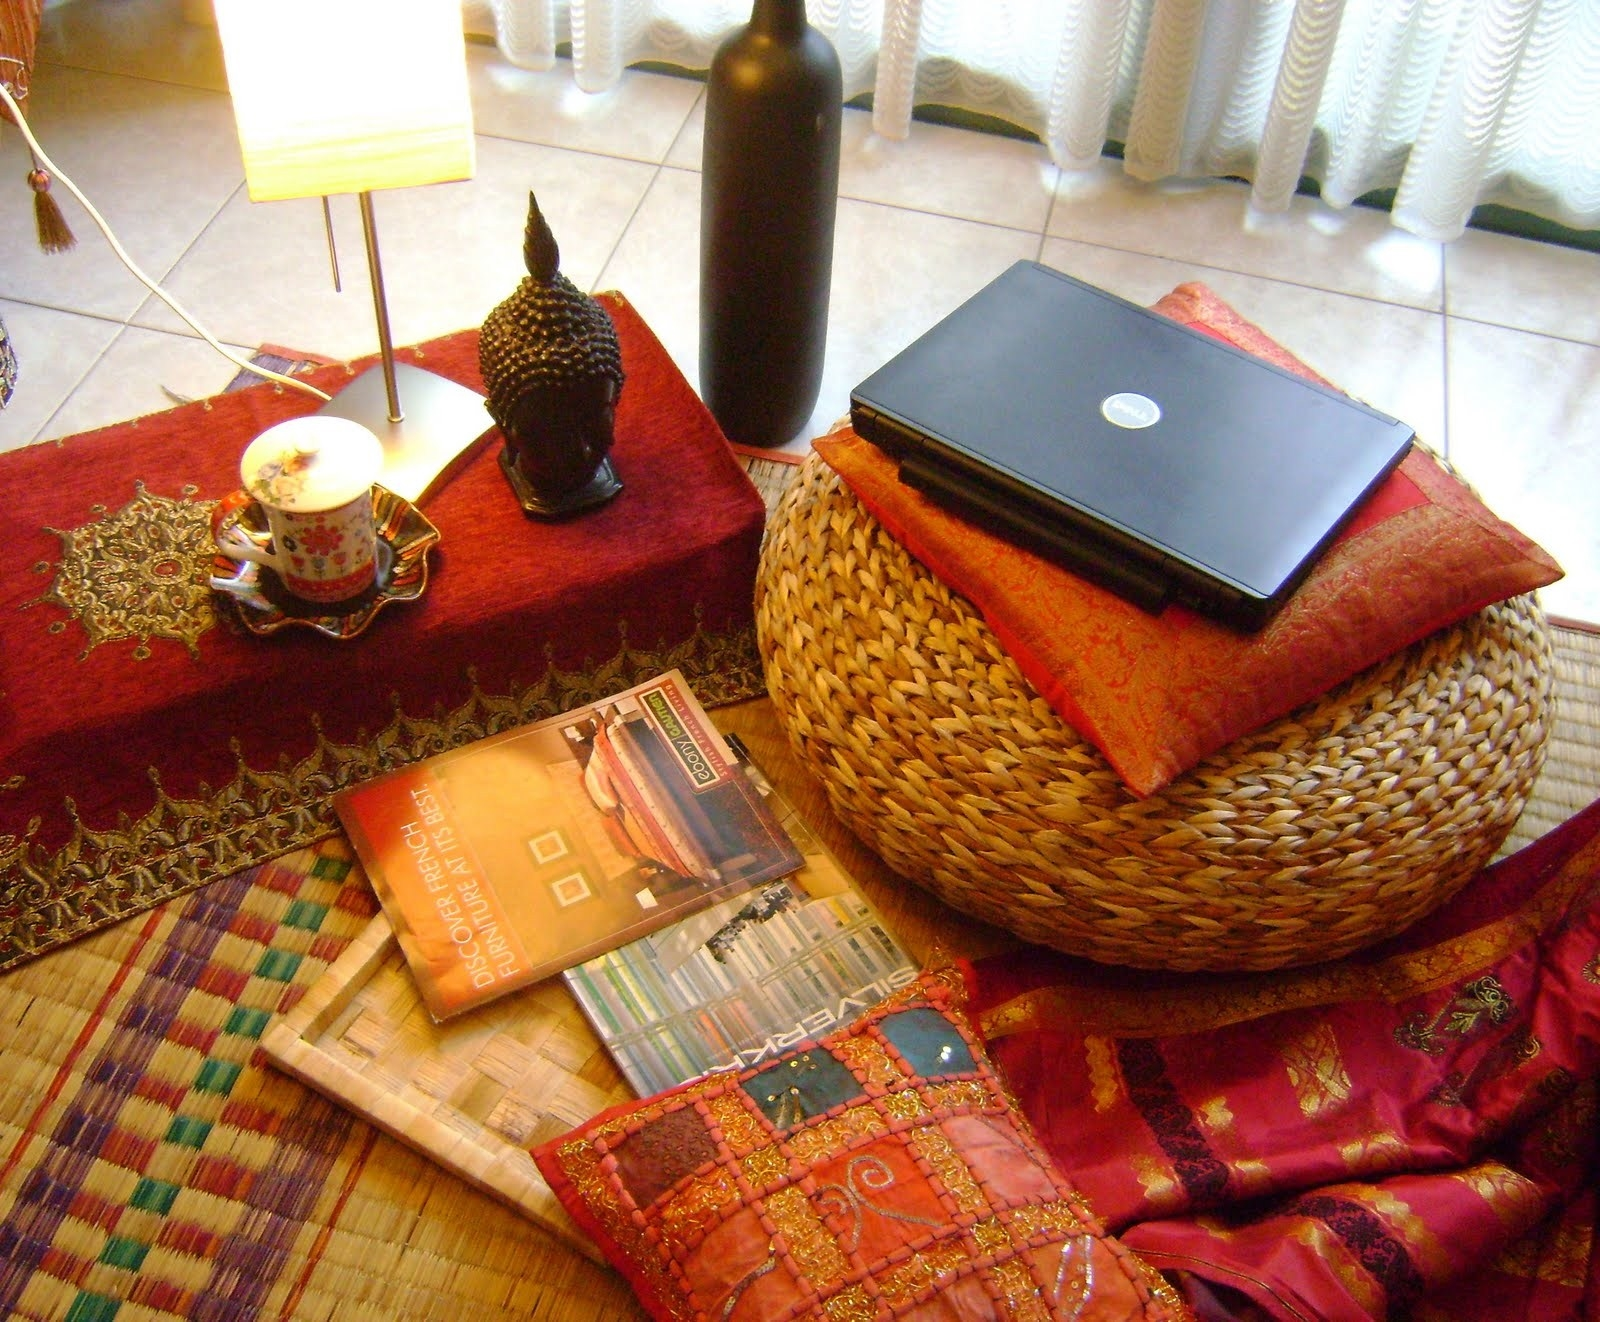 Caratteristiche dello stile etnico arredare la casa for La casa progetta lo stile indiano